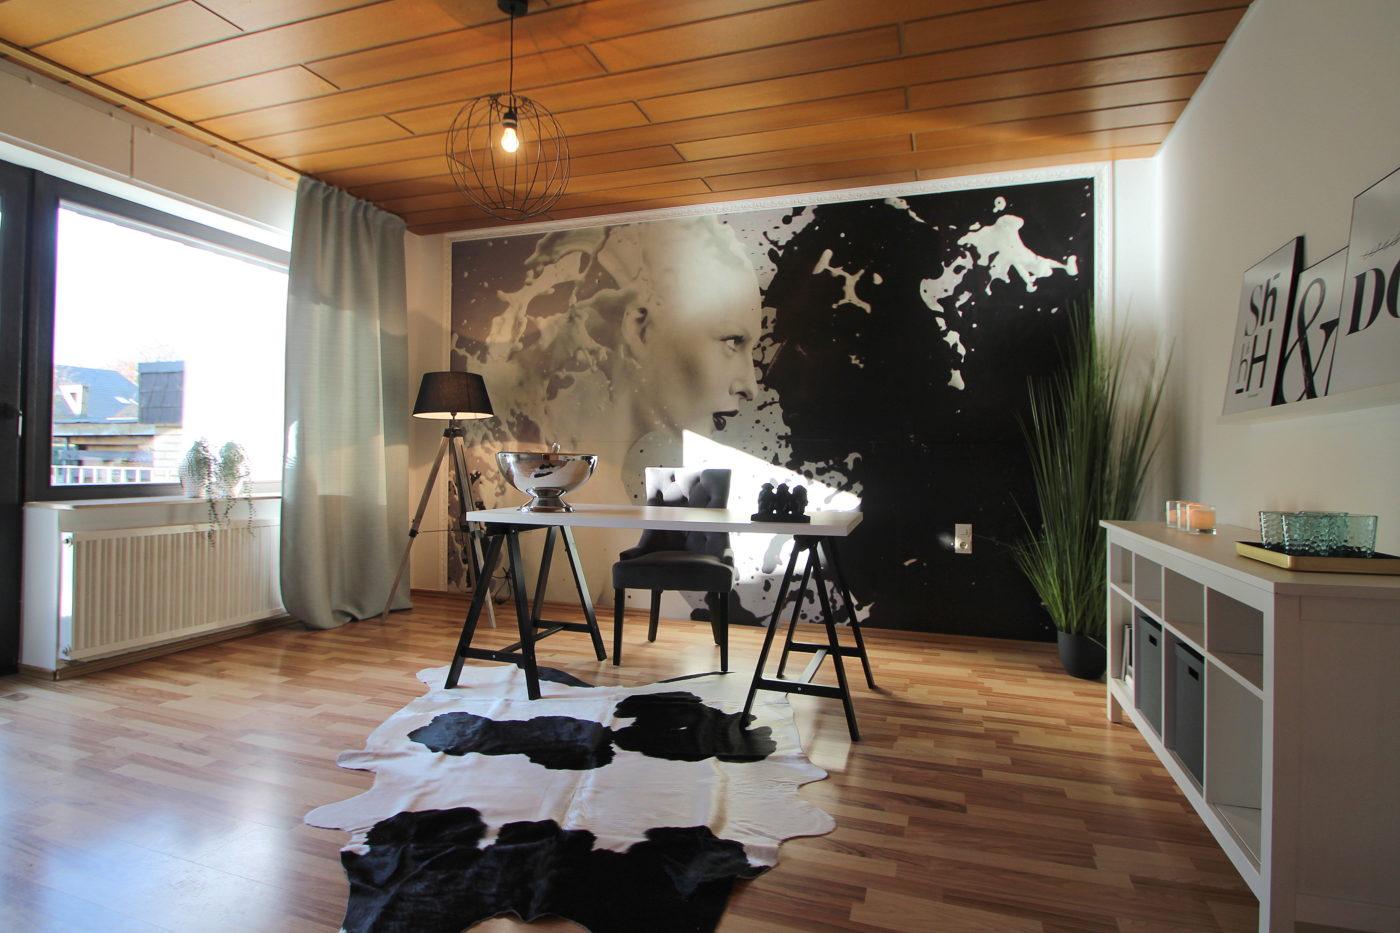 Arbeitszimmer nach dem Homestaging von Nicole Biernath von Blickfang Homestaging in Soest